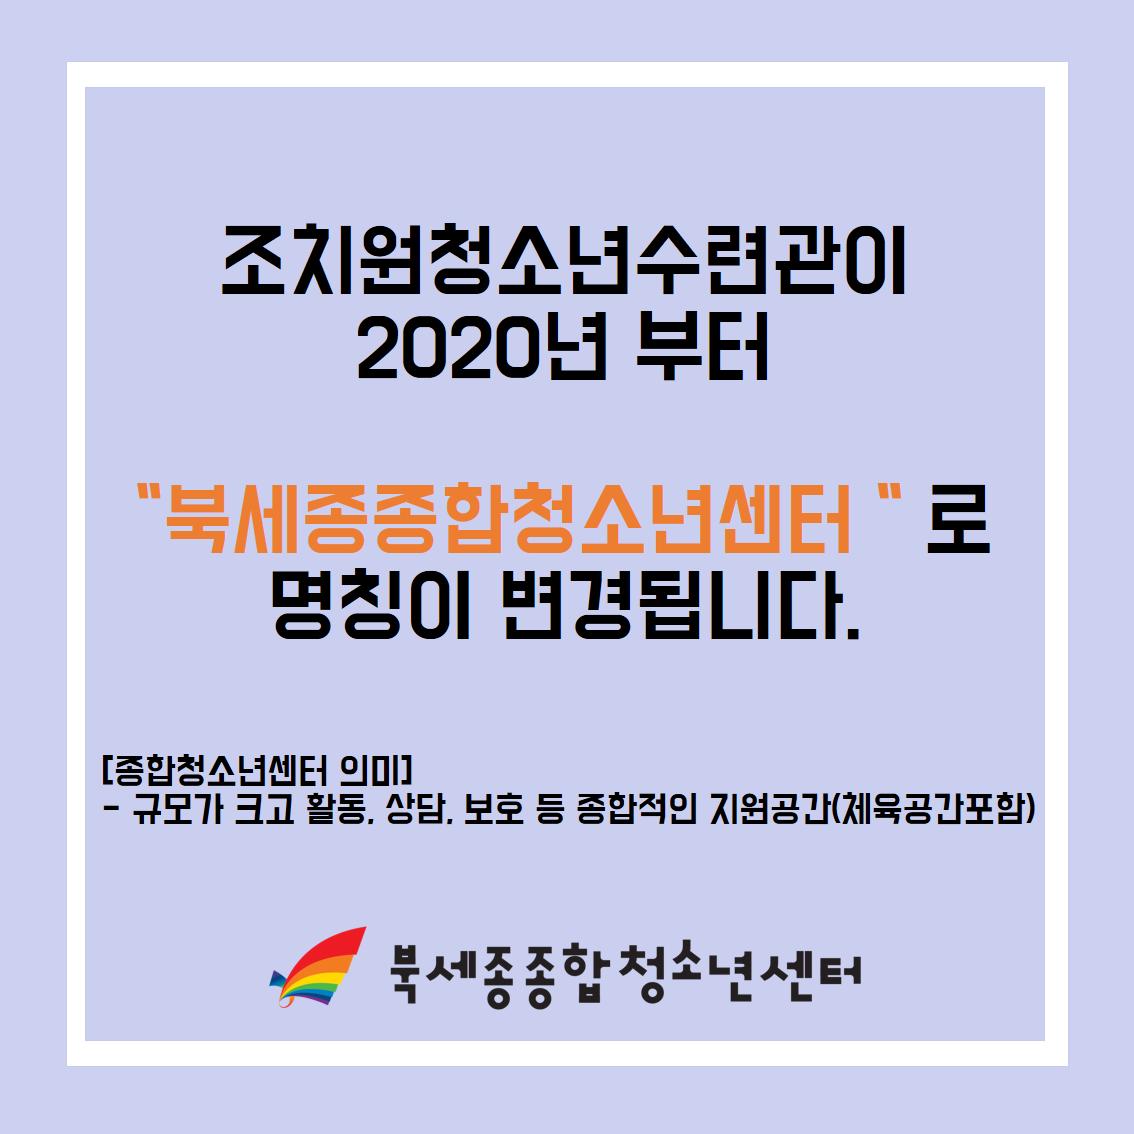 명칭변경 카드뉴스.png